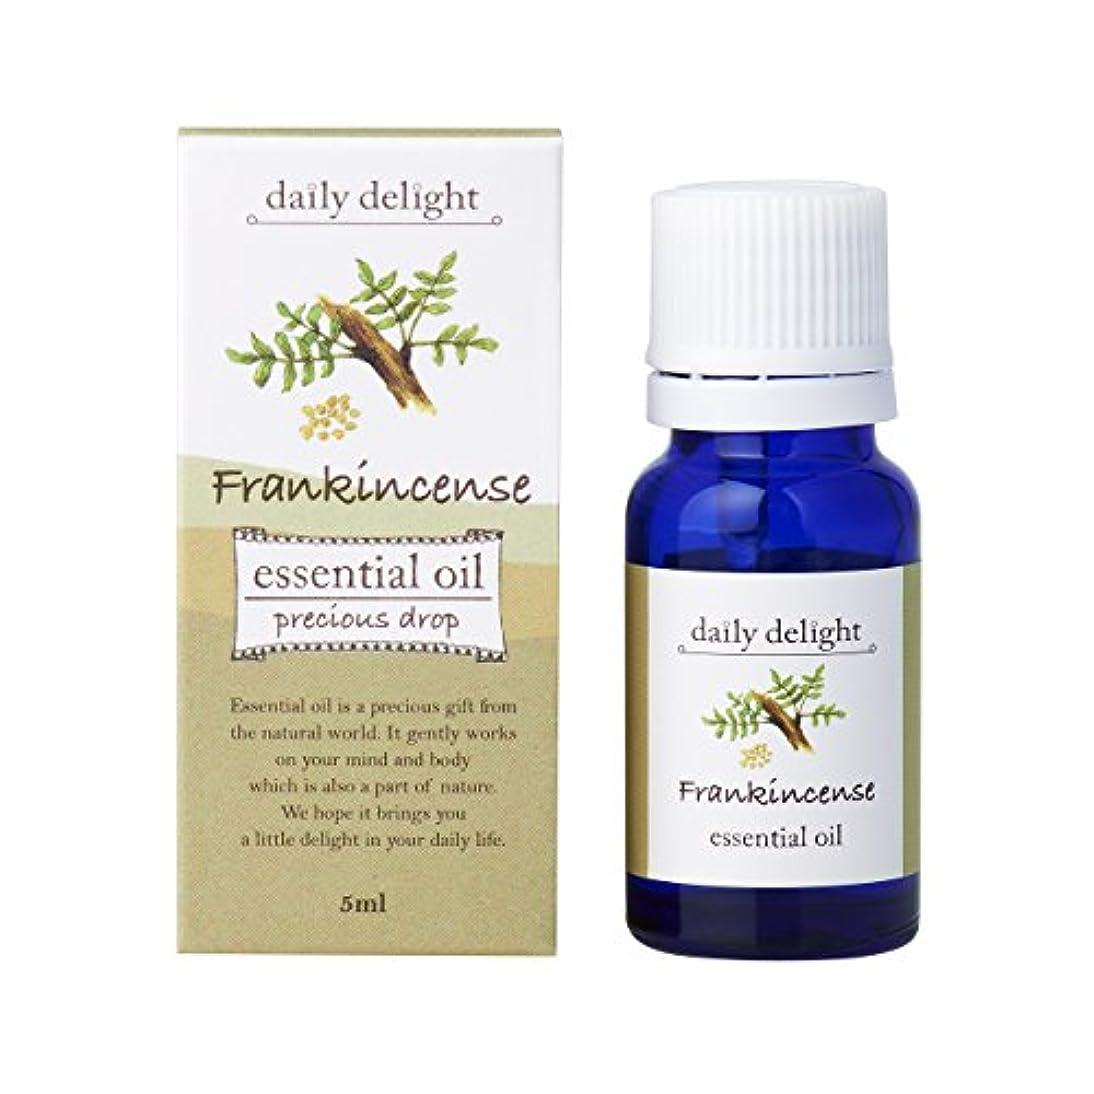 ソーセージほうきホステスデイリーディライト エッセンシャルオイル フランキンセンス 5ml(天然100% 精油 アロマ 樹脂系 樹脂から採れるさわやかな木の香り)